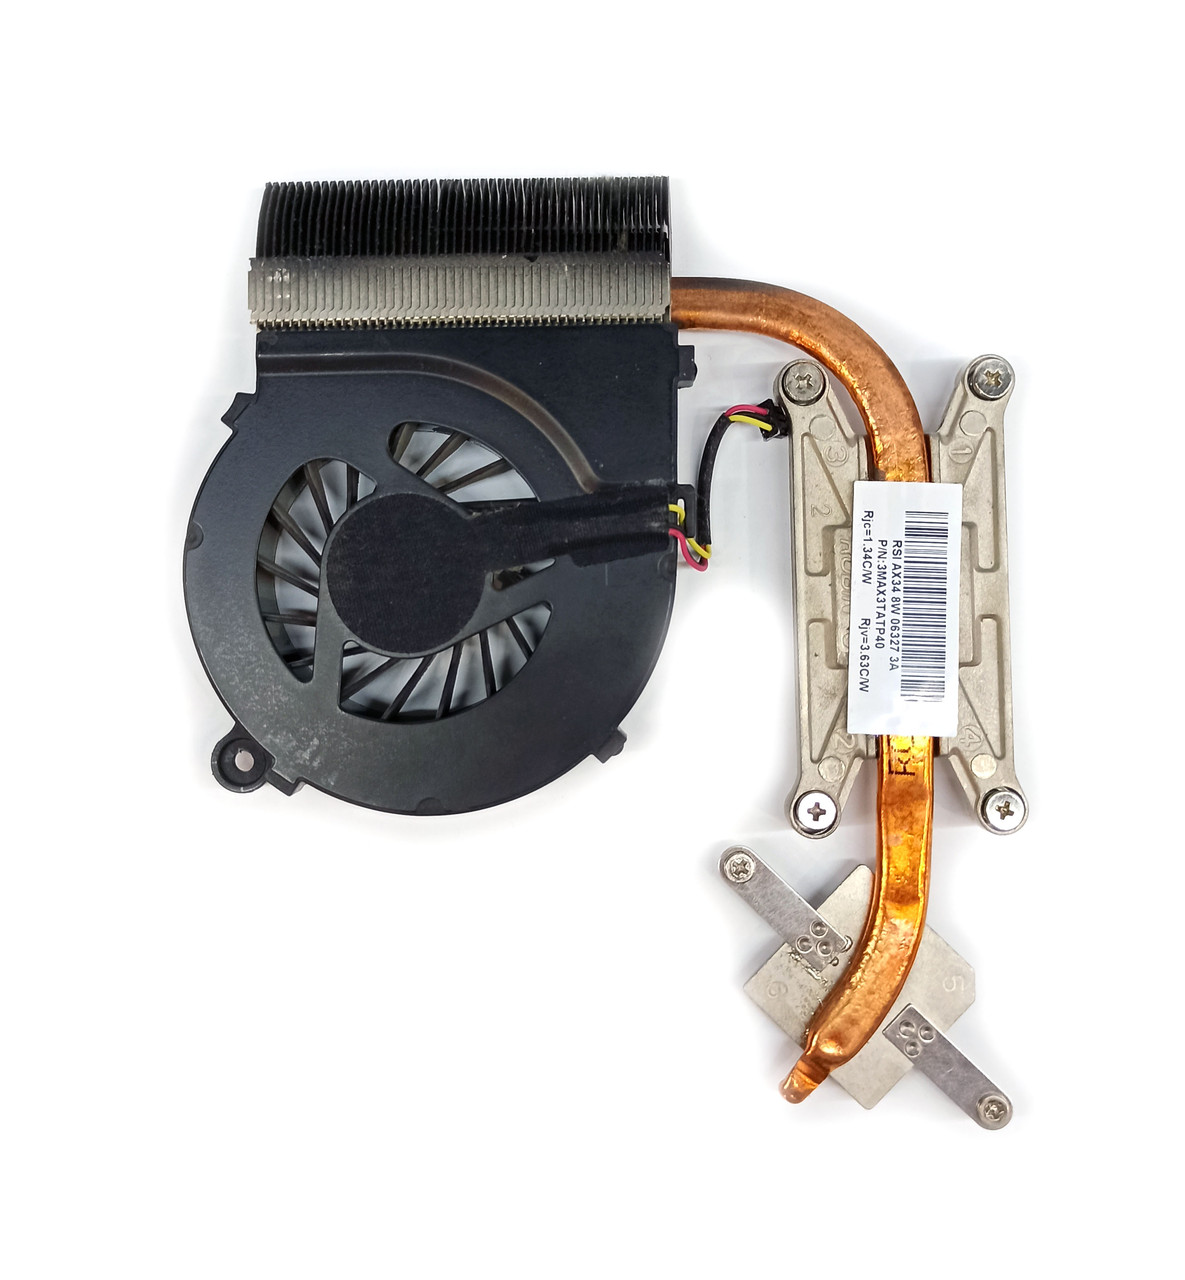 Охлаждение (вентилятор + радиатор) (609229-001) для ноутбука HP CQ56-115SO